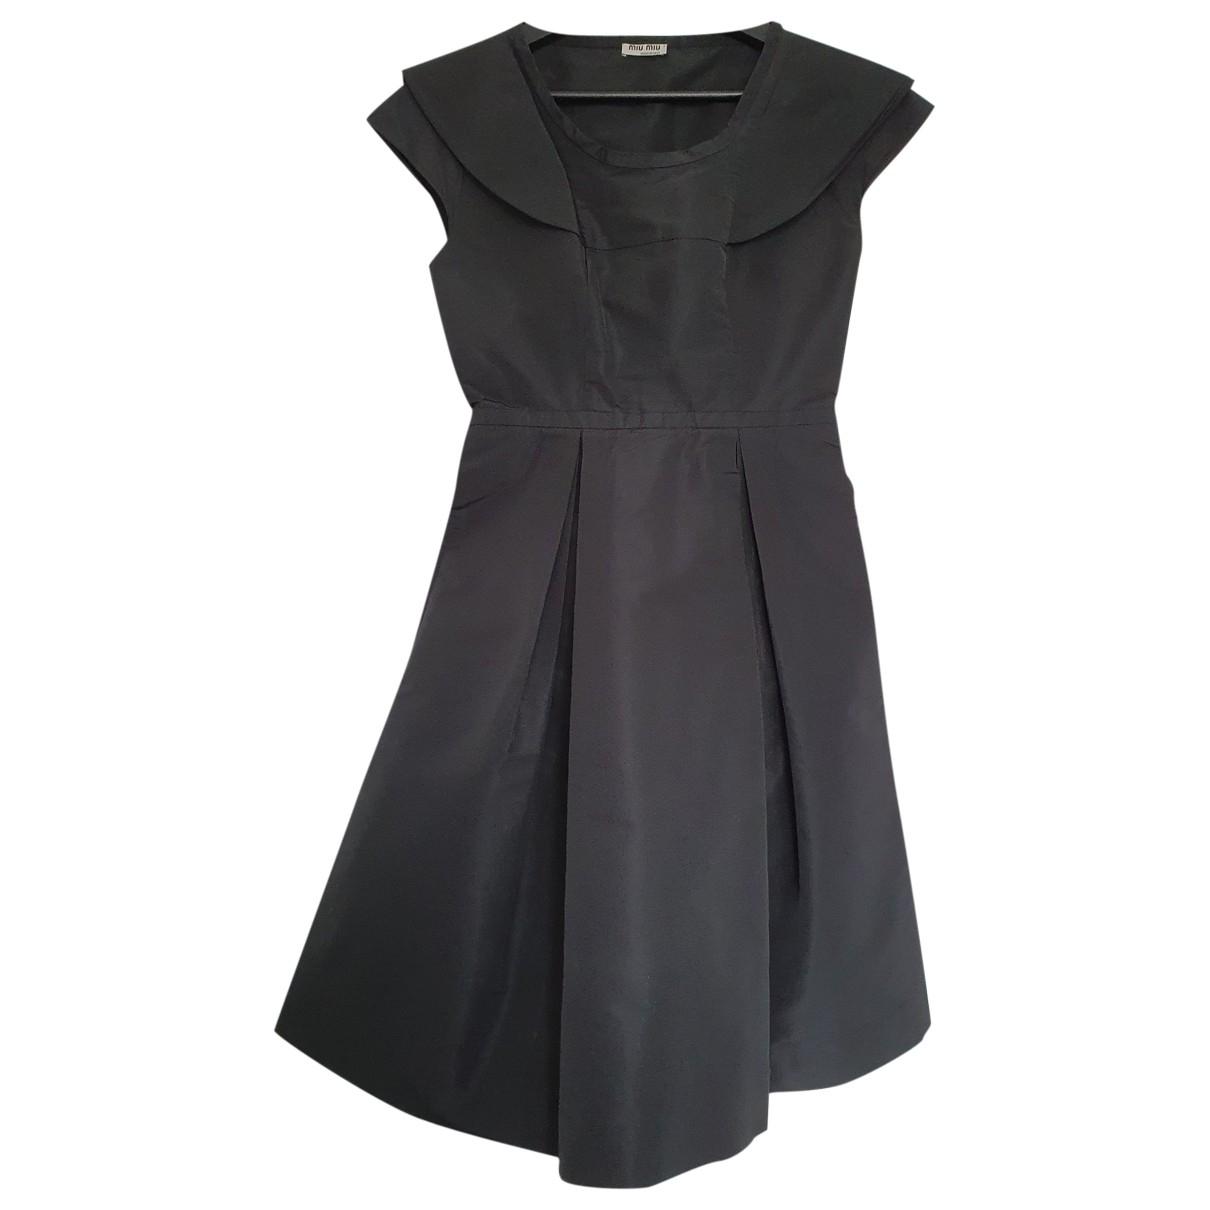 Miu Miu \N Kleid in  Schwarz Polyester